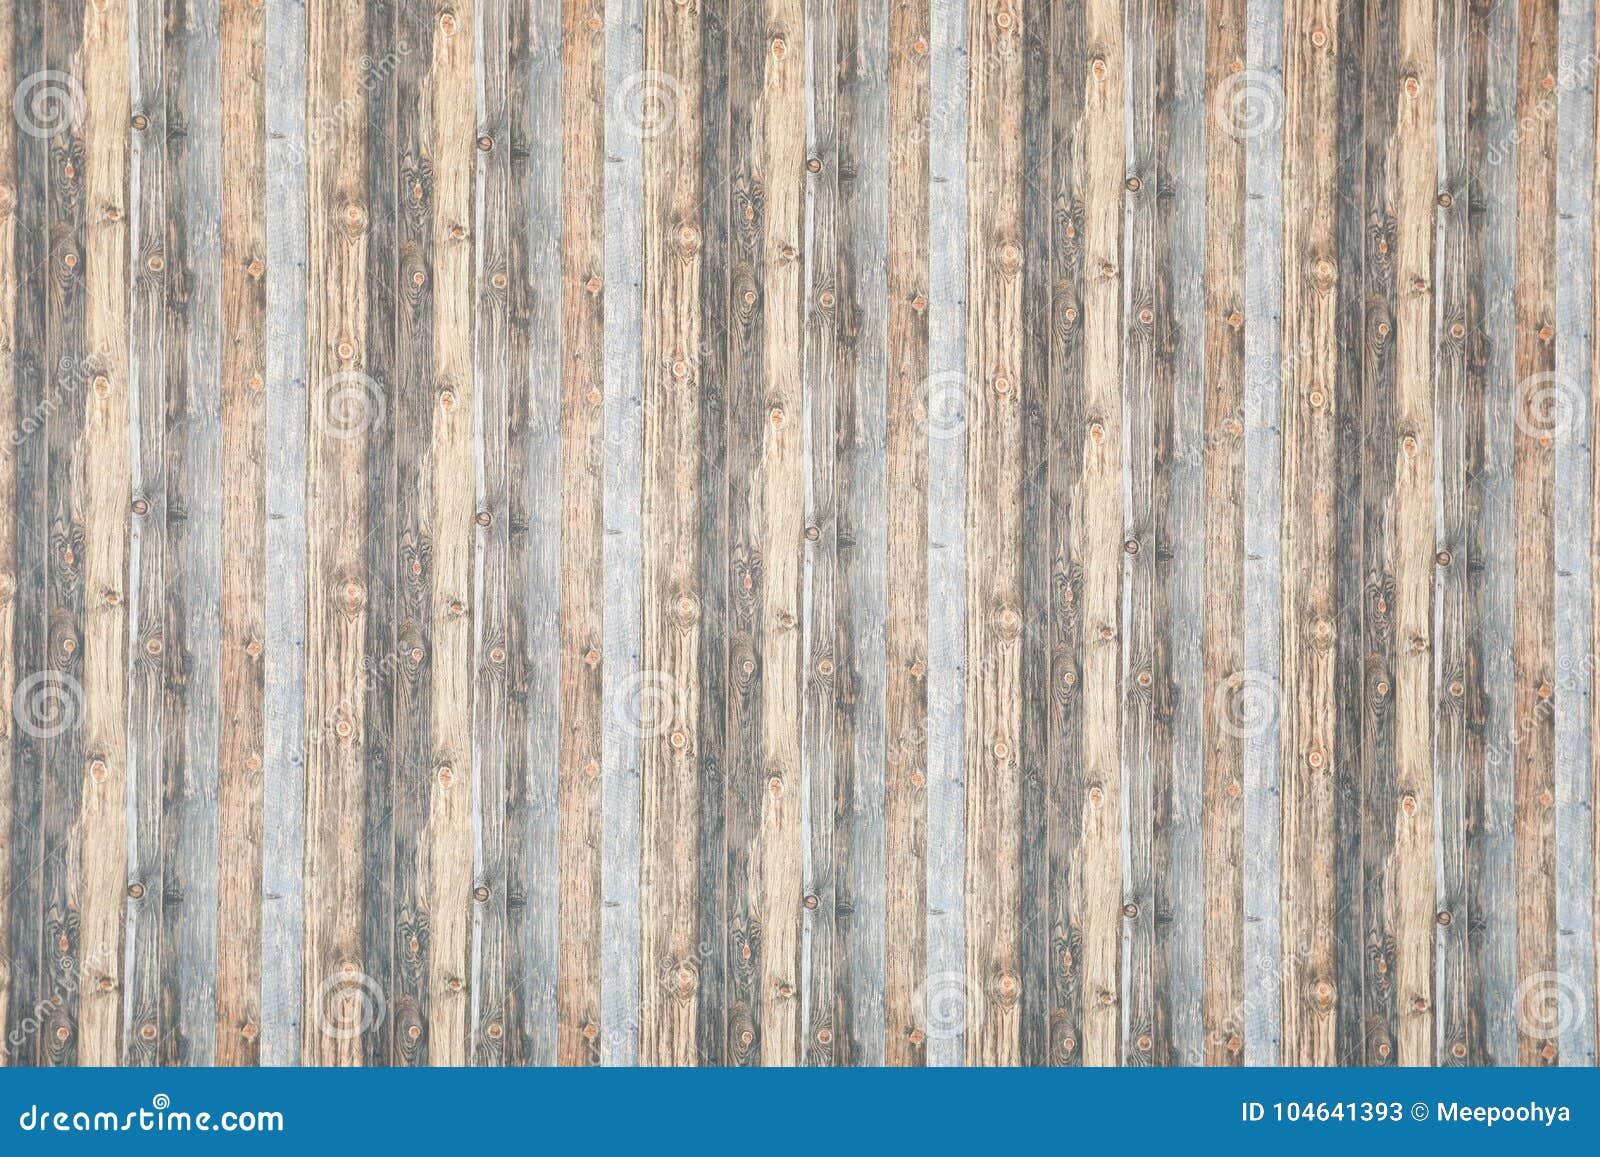 Download Muur houten textuur stock afbeelding. Afbeelding bestaande uit structuur - 104641393